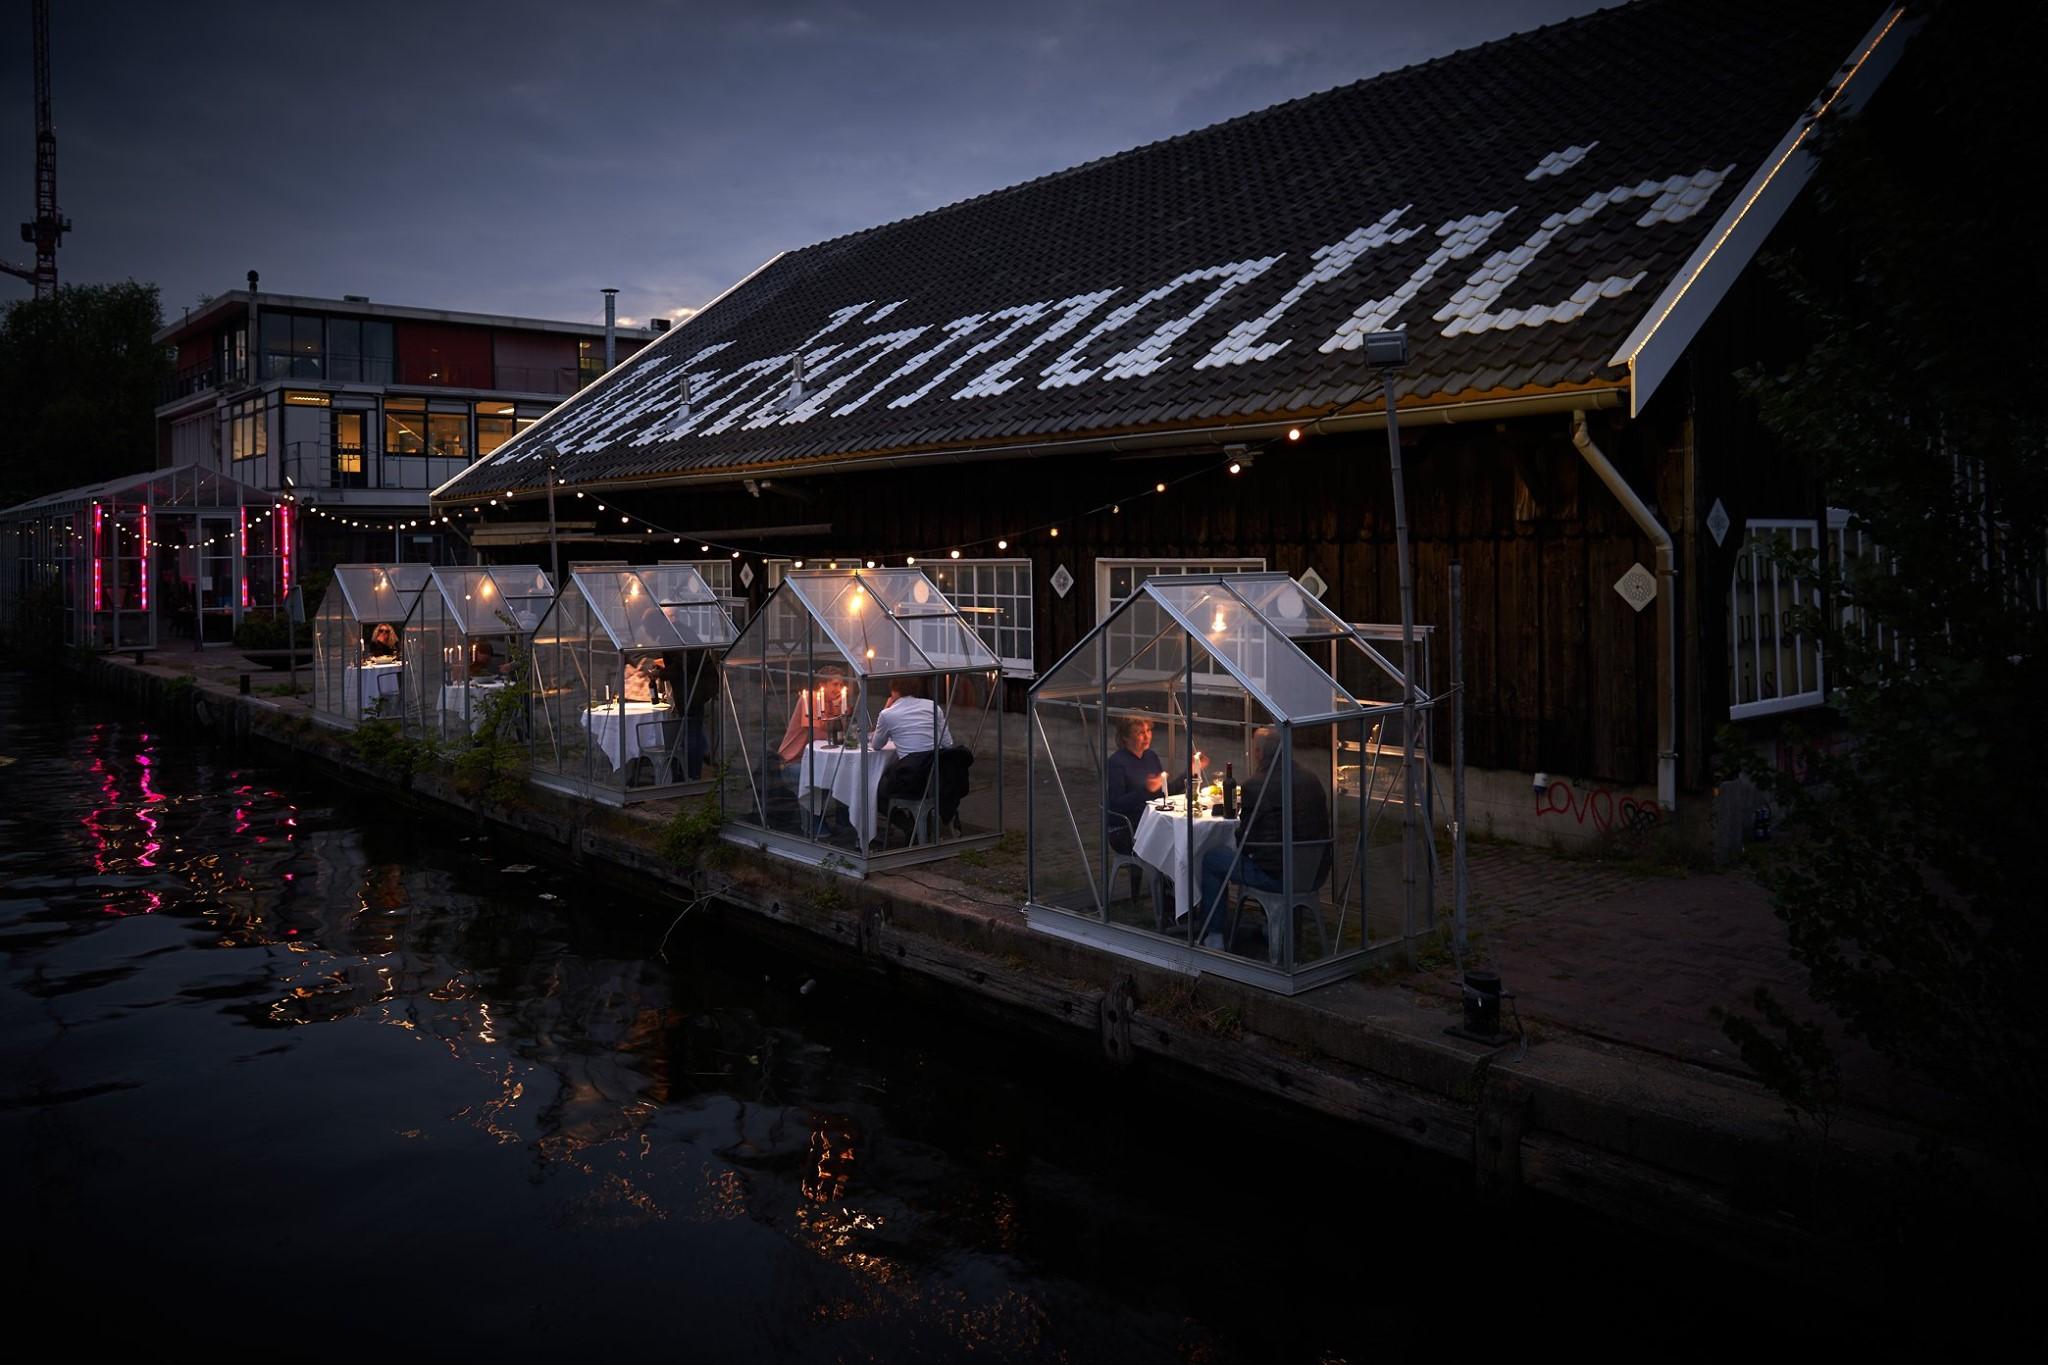 Vírusbiztos éttermi élmény Hollandiából